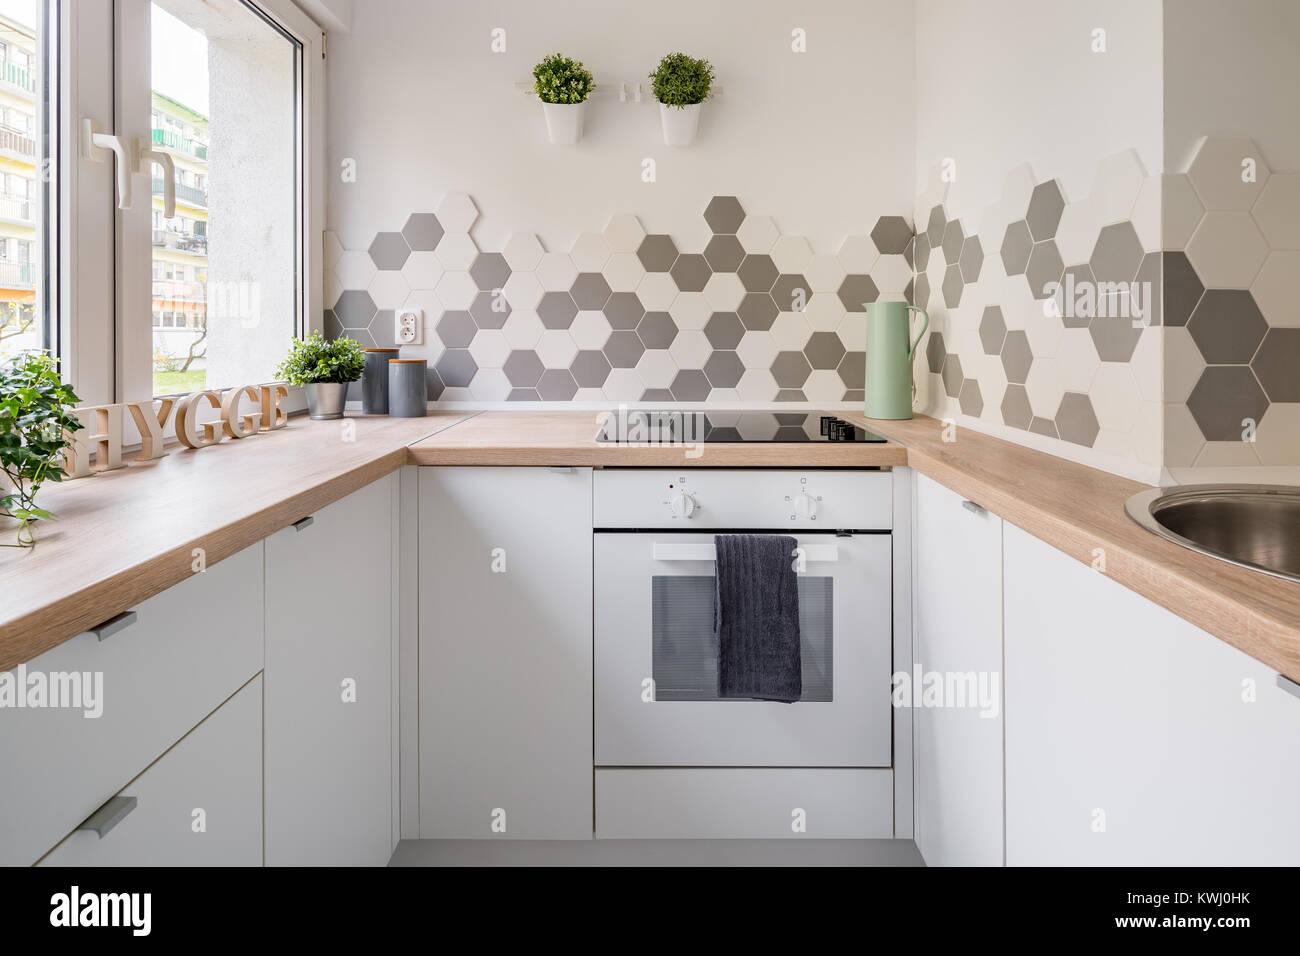 Weiß hygge Küche mit sechseckige Fliesen, Holz- Arbeitsplatte und ...